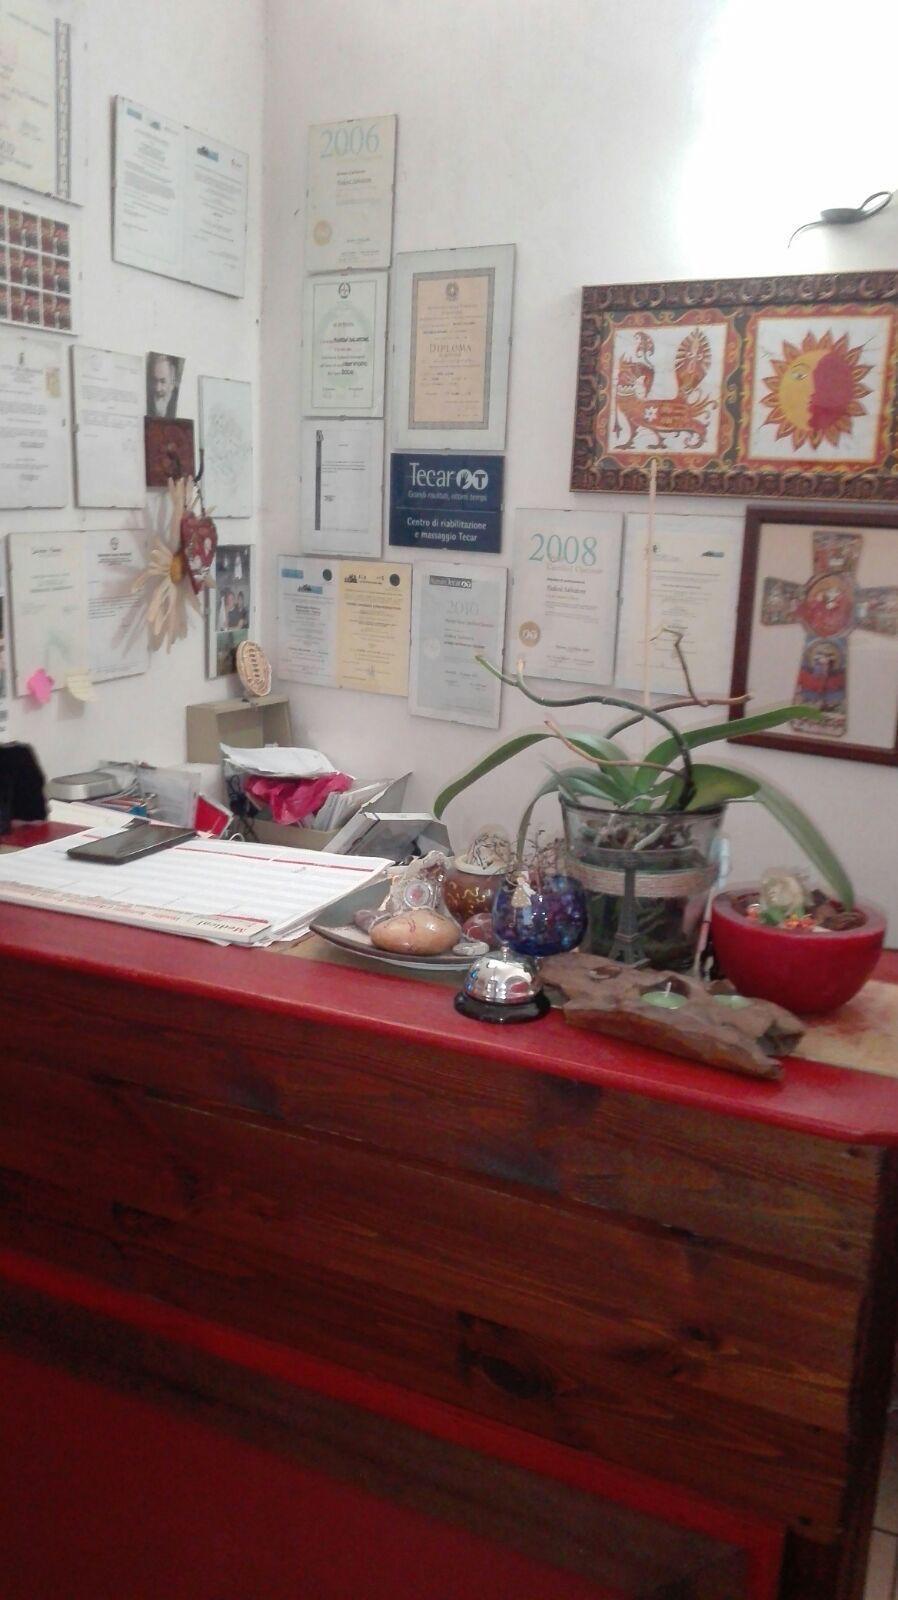 Studio professionale di Fisioterapia e riabilitazione di Salvatore Foderà